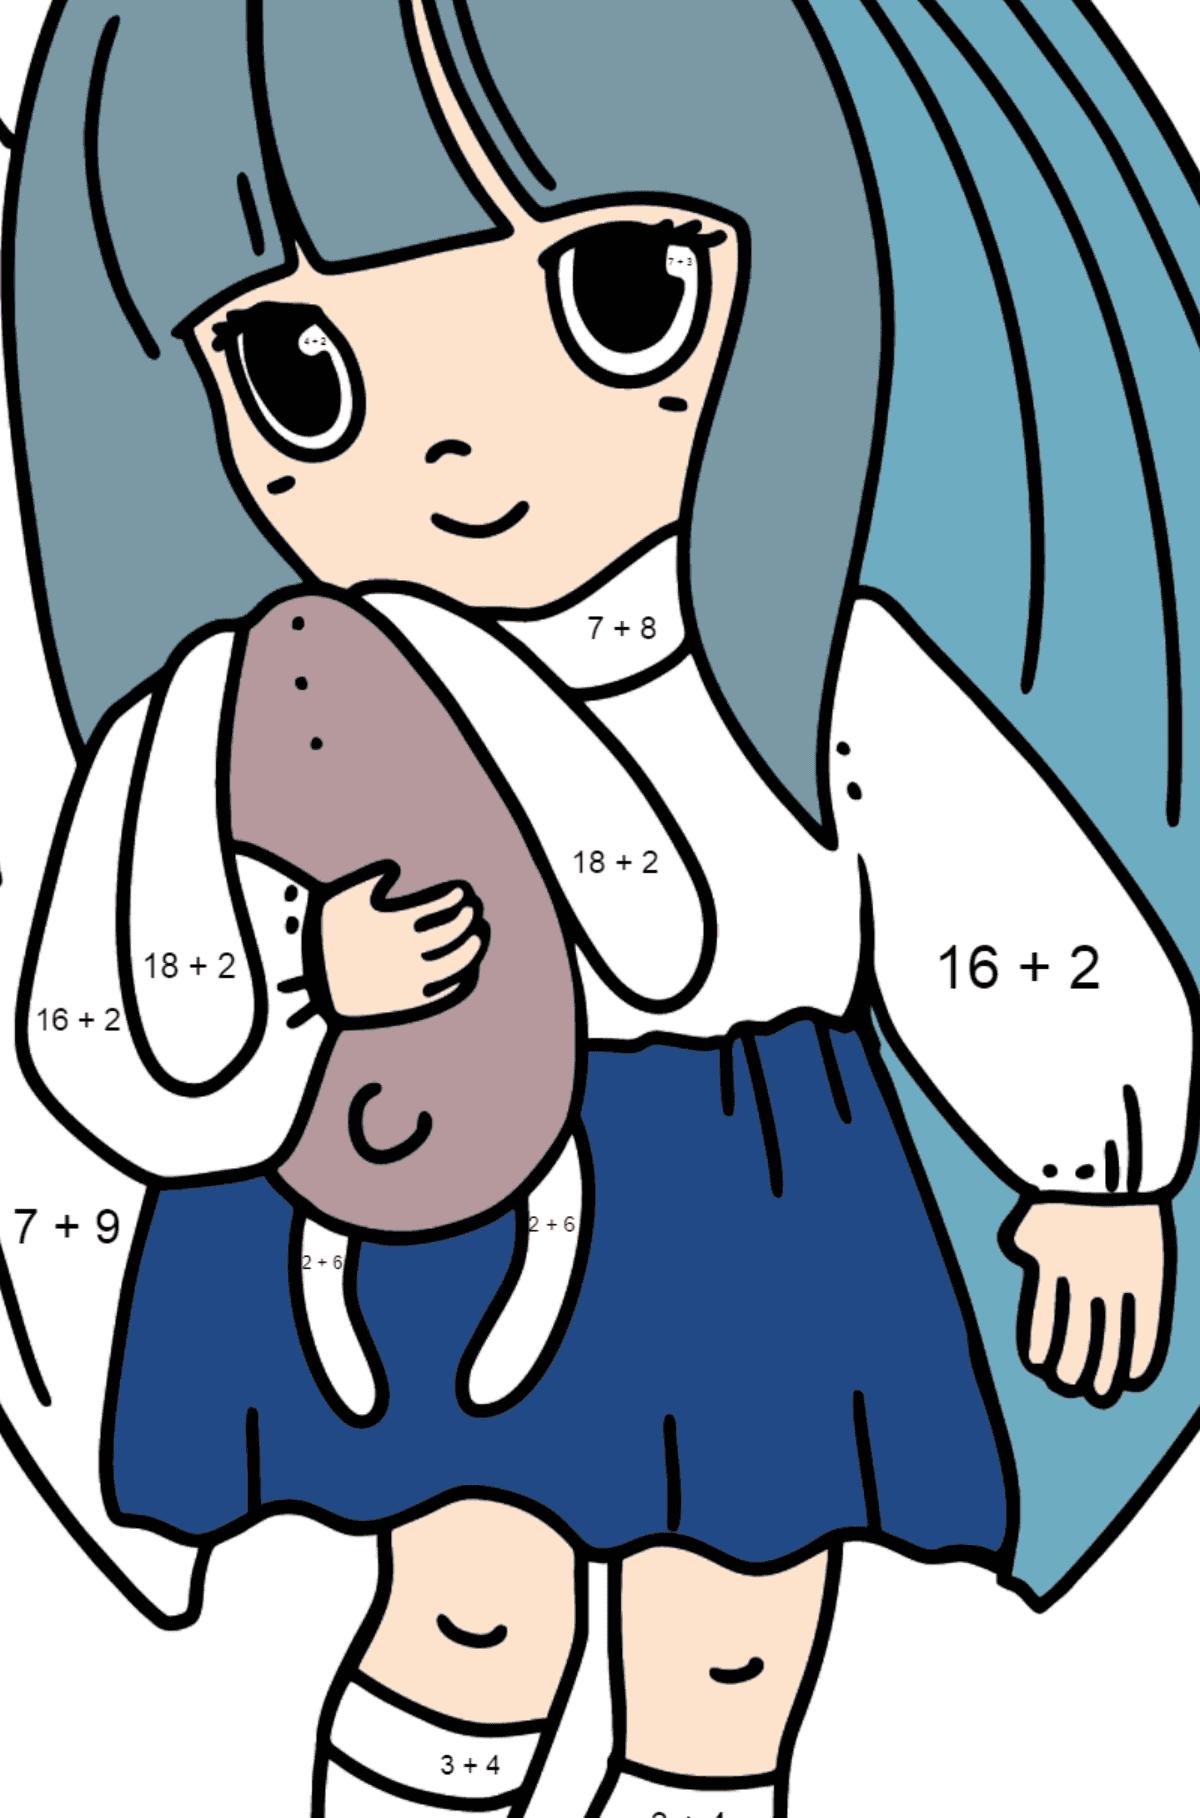 Раскраска Аниме Маленькая девочка - Математическая Раскраска - Сложение для Детей